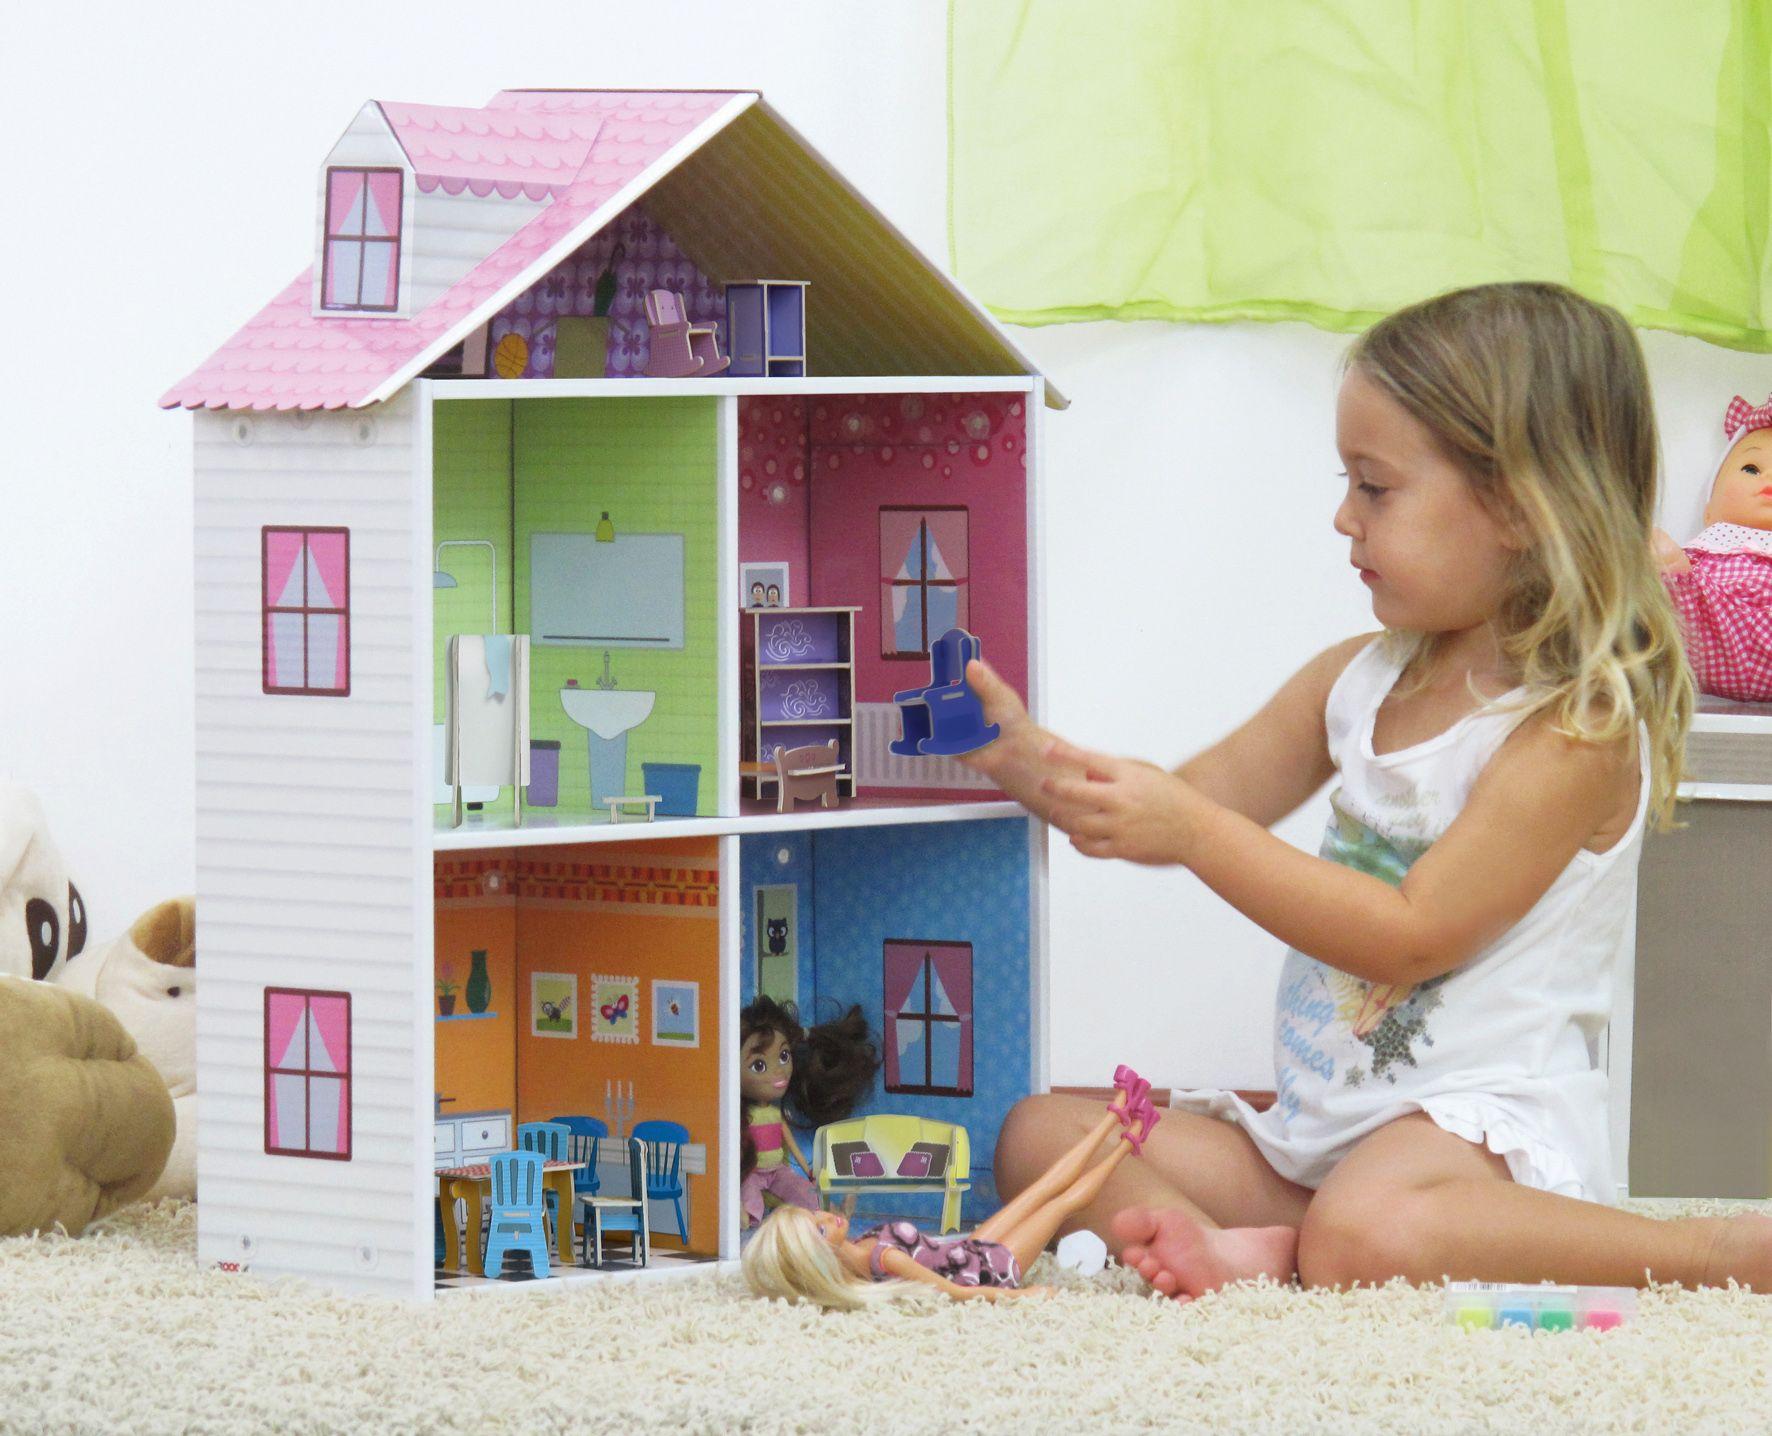 Como hacer casas de mu ecas con cart n casitas pinterest como hacer casas cart n y mu ecas - Como hacer muebles para casa de munecas ...